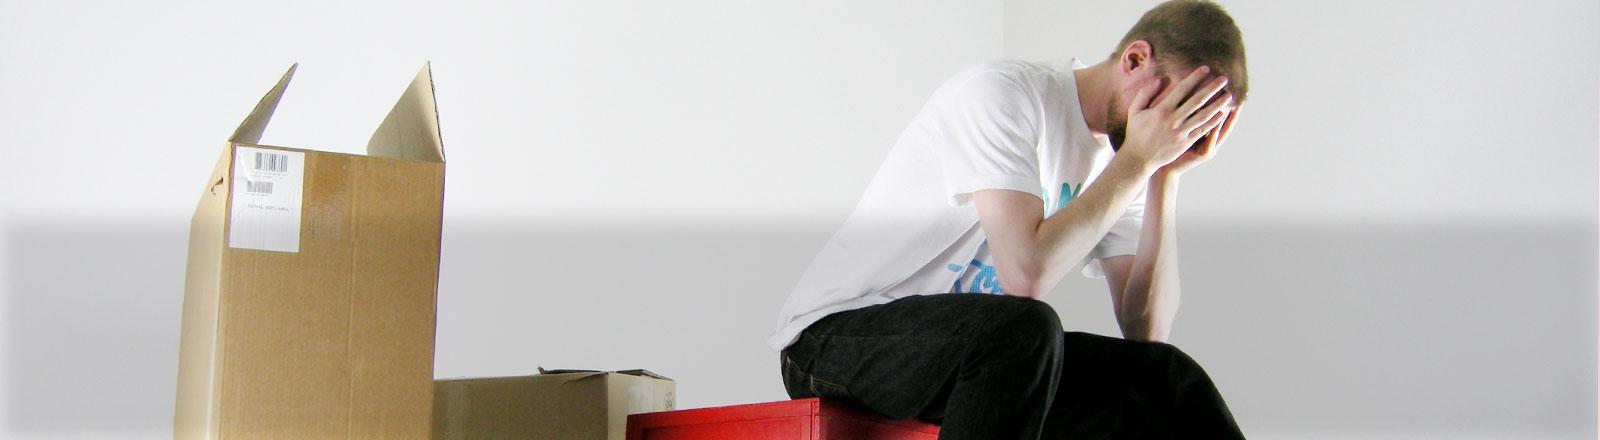 Ein Mann sitzt auf gepackten Kartons und stützt seinen Kopf in seine Hände.